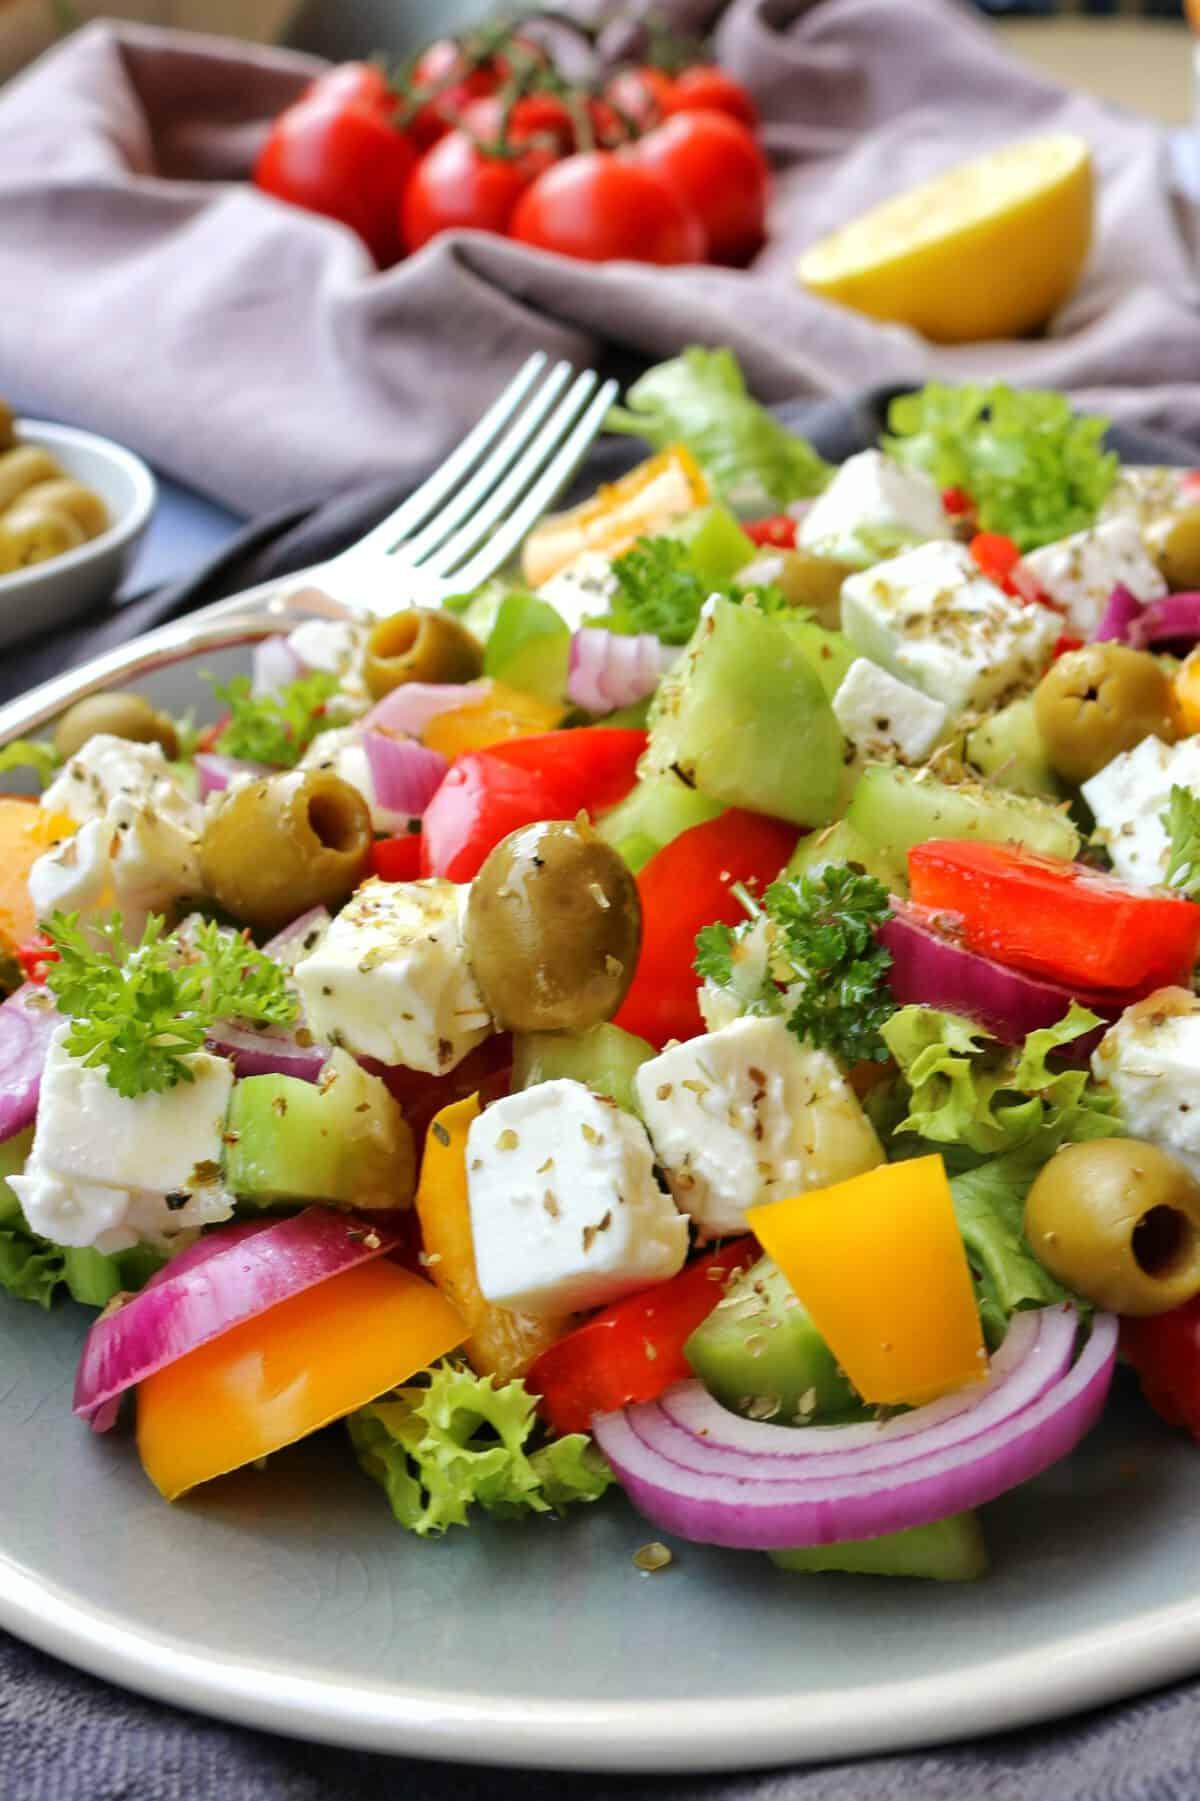 Griechischer Bauernsalat in einer Schüssel. Daneben Besteck und Deko